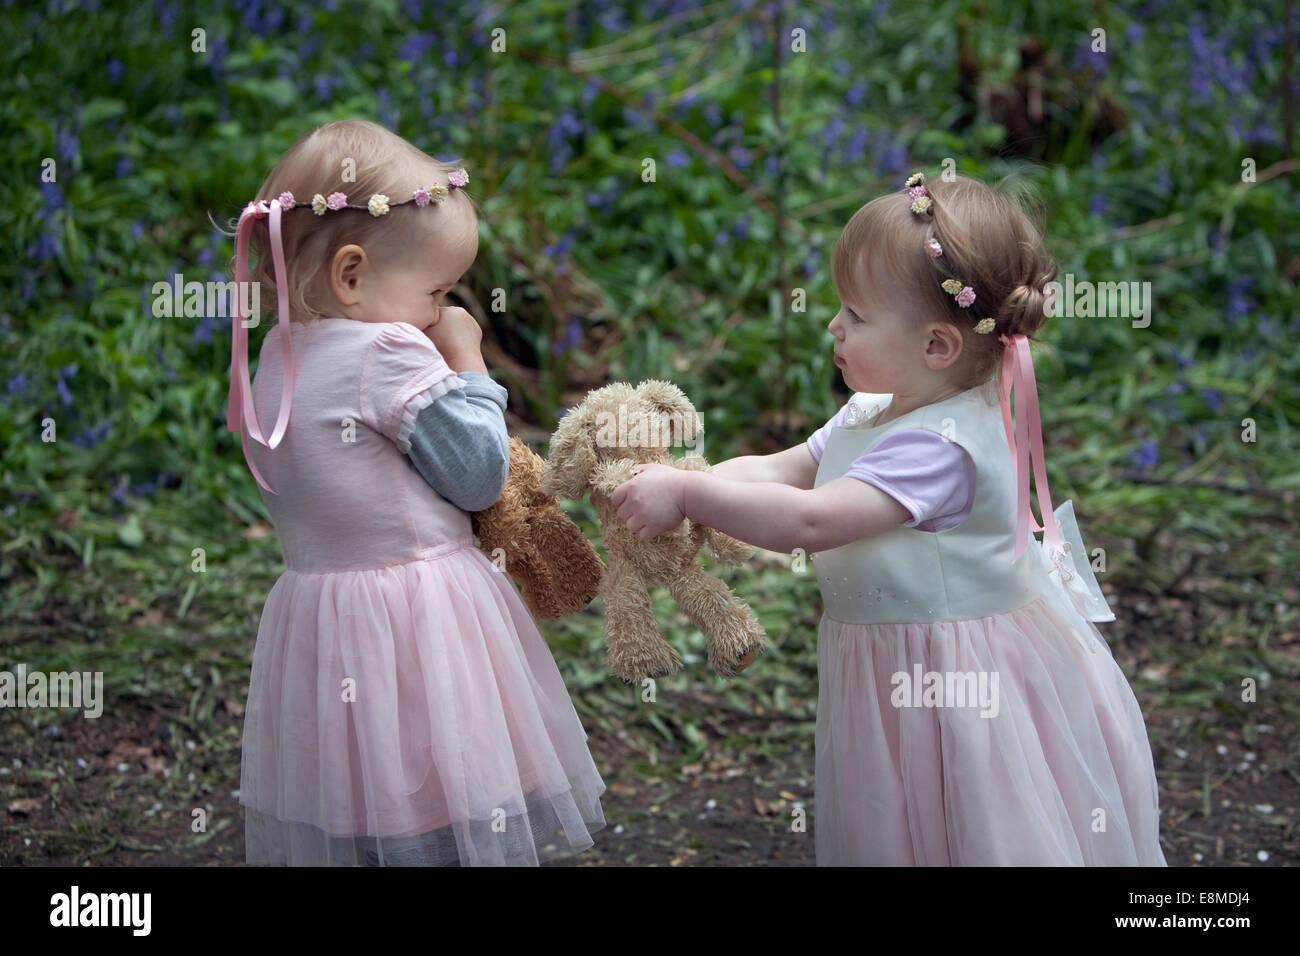 Due bambini di apprendimento all'aperto il concetto di condivisione di giocattoli. Immagini Stock